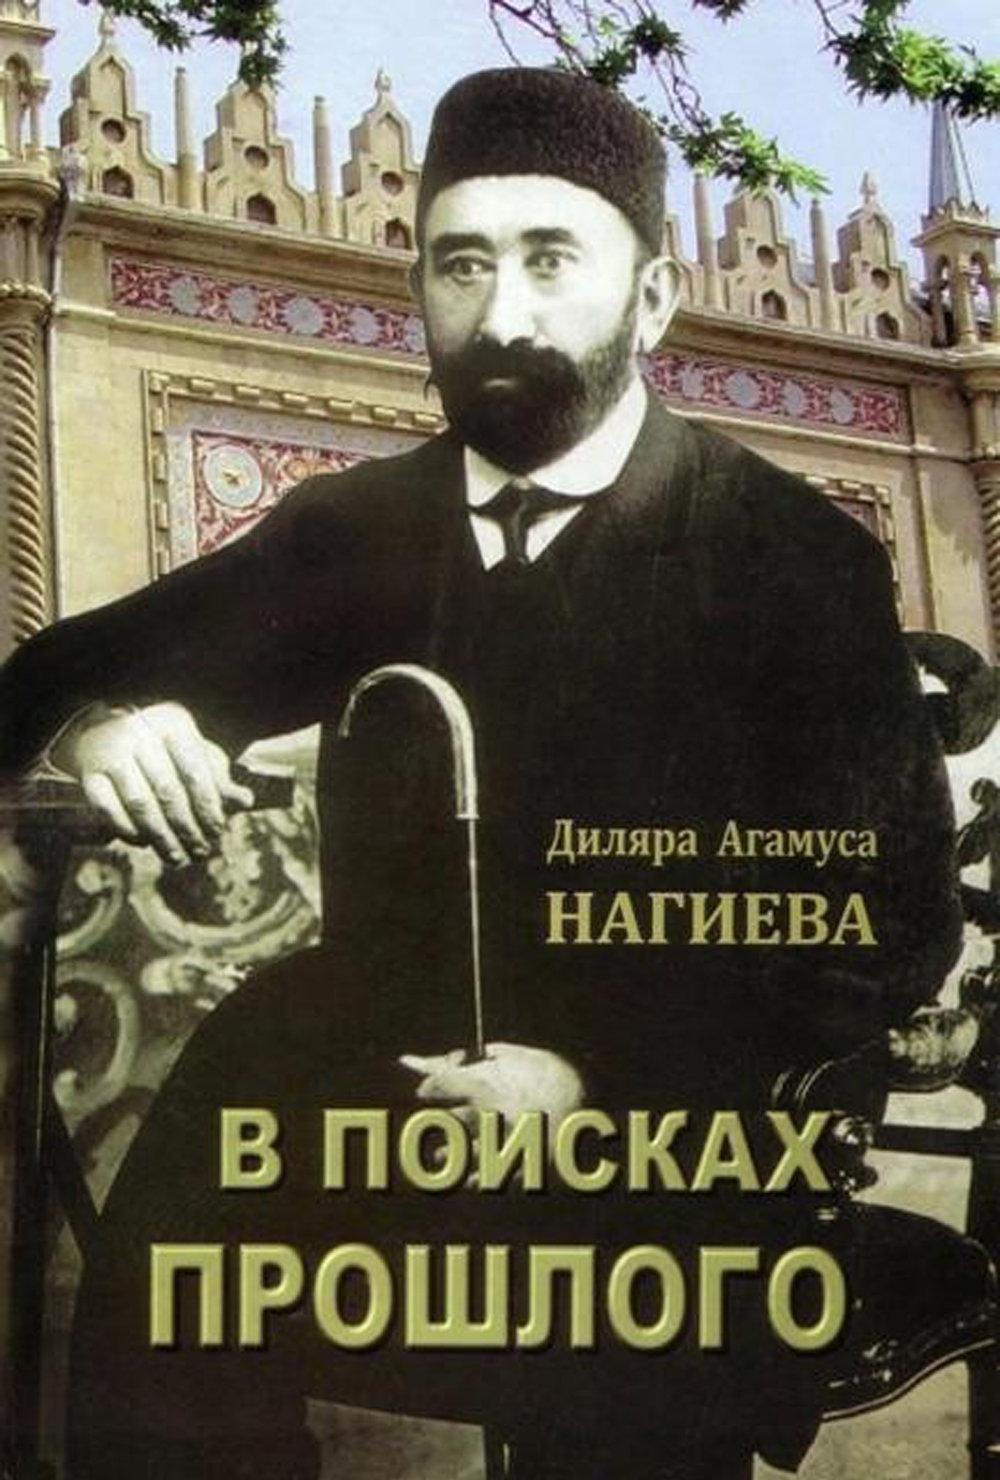 Книга Диляры Нагиевой В поисках прошлого